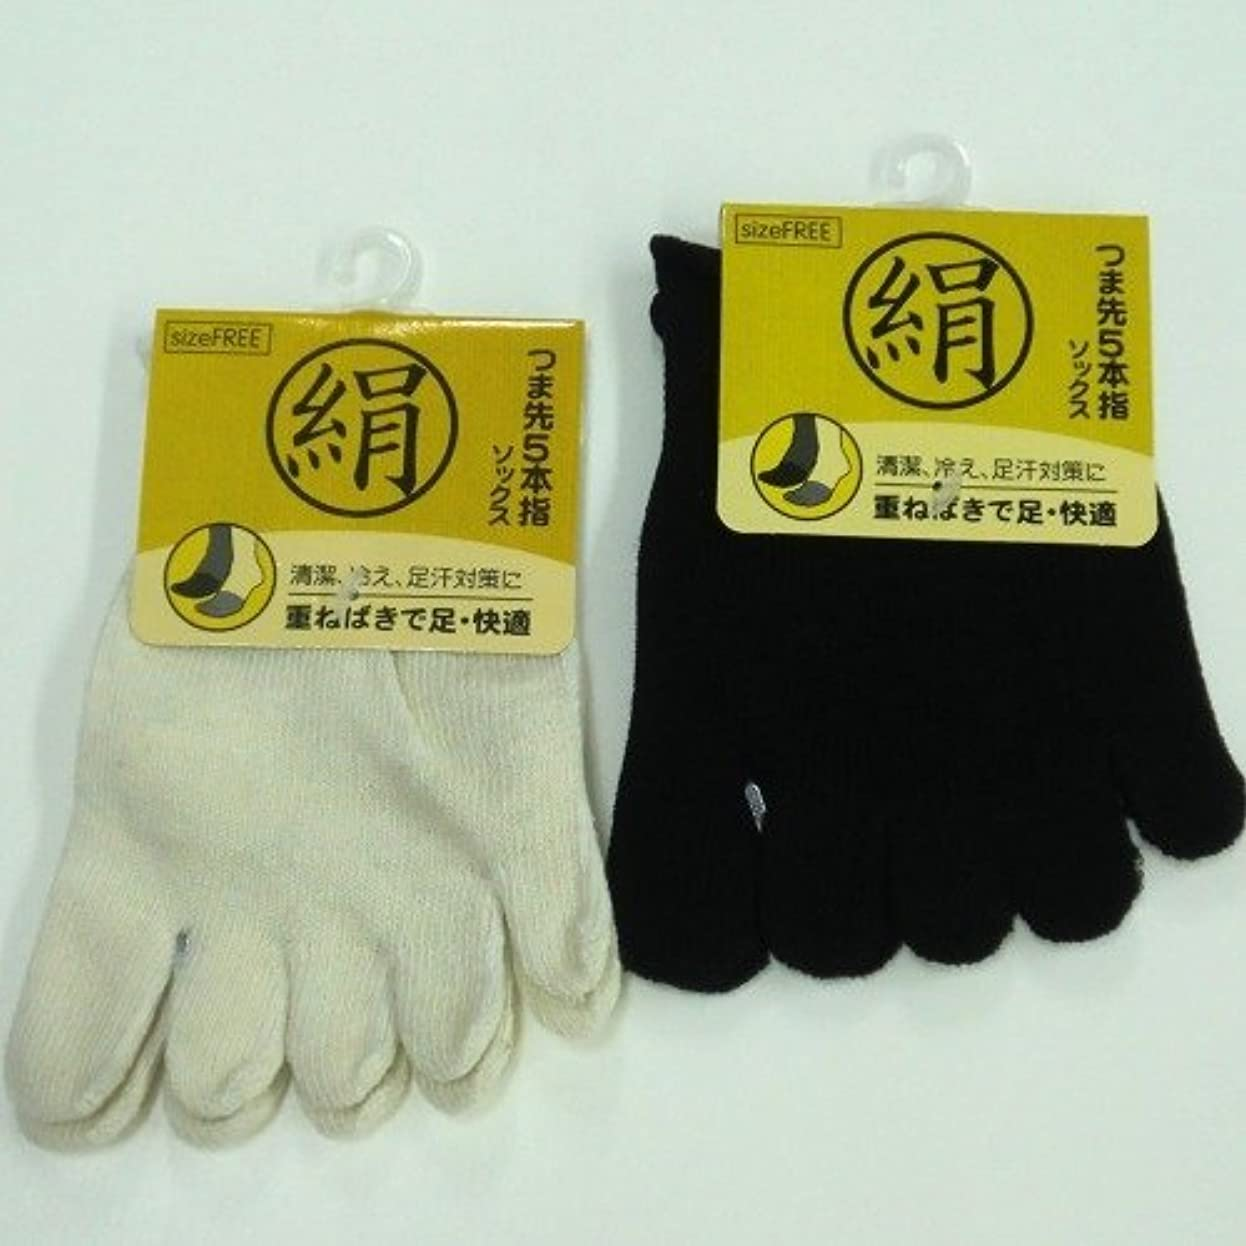 お風呂を持っている注入手首シルク 5本指ハーフソックス 足指カバー 天然素材絹で抗菌防臭 3足組 (色はお任せ)